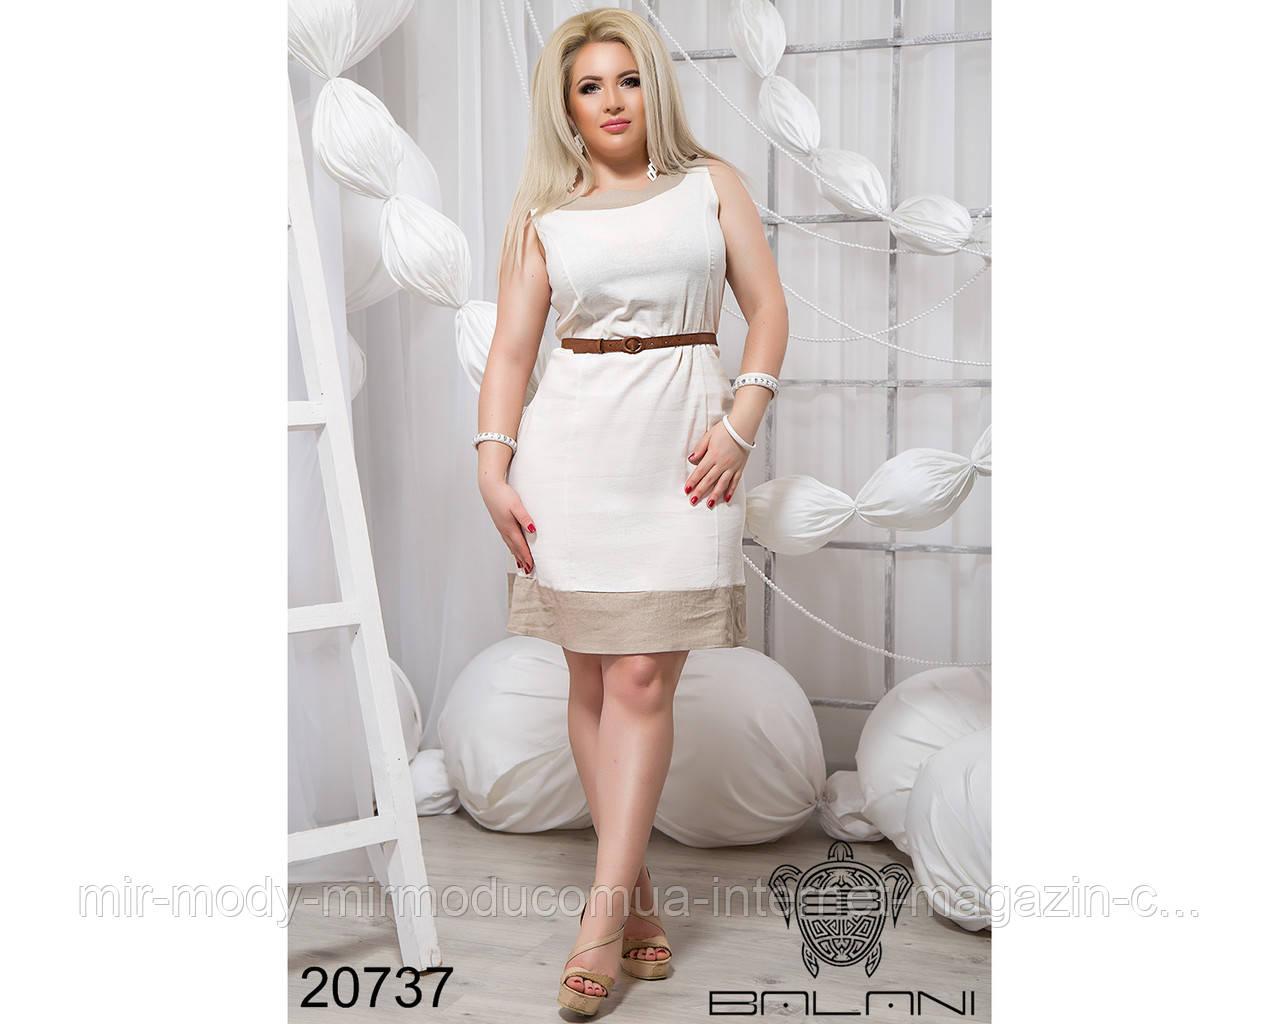 Летнее платье с поясом - 20737с 50 по 54 размер (бн)